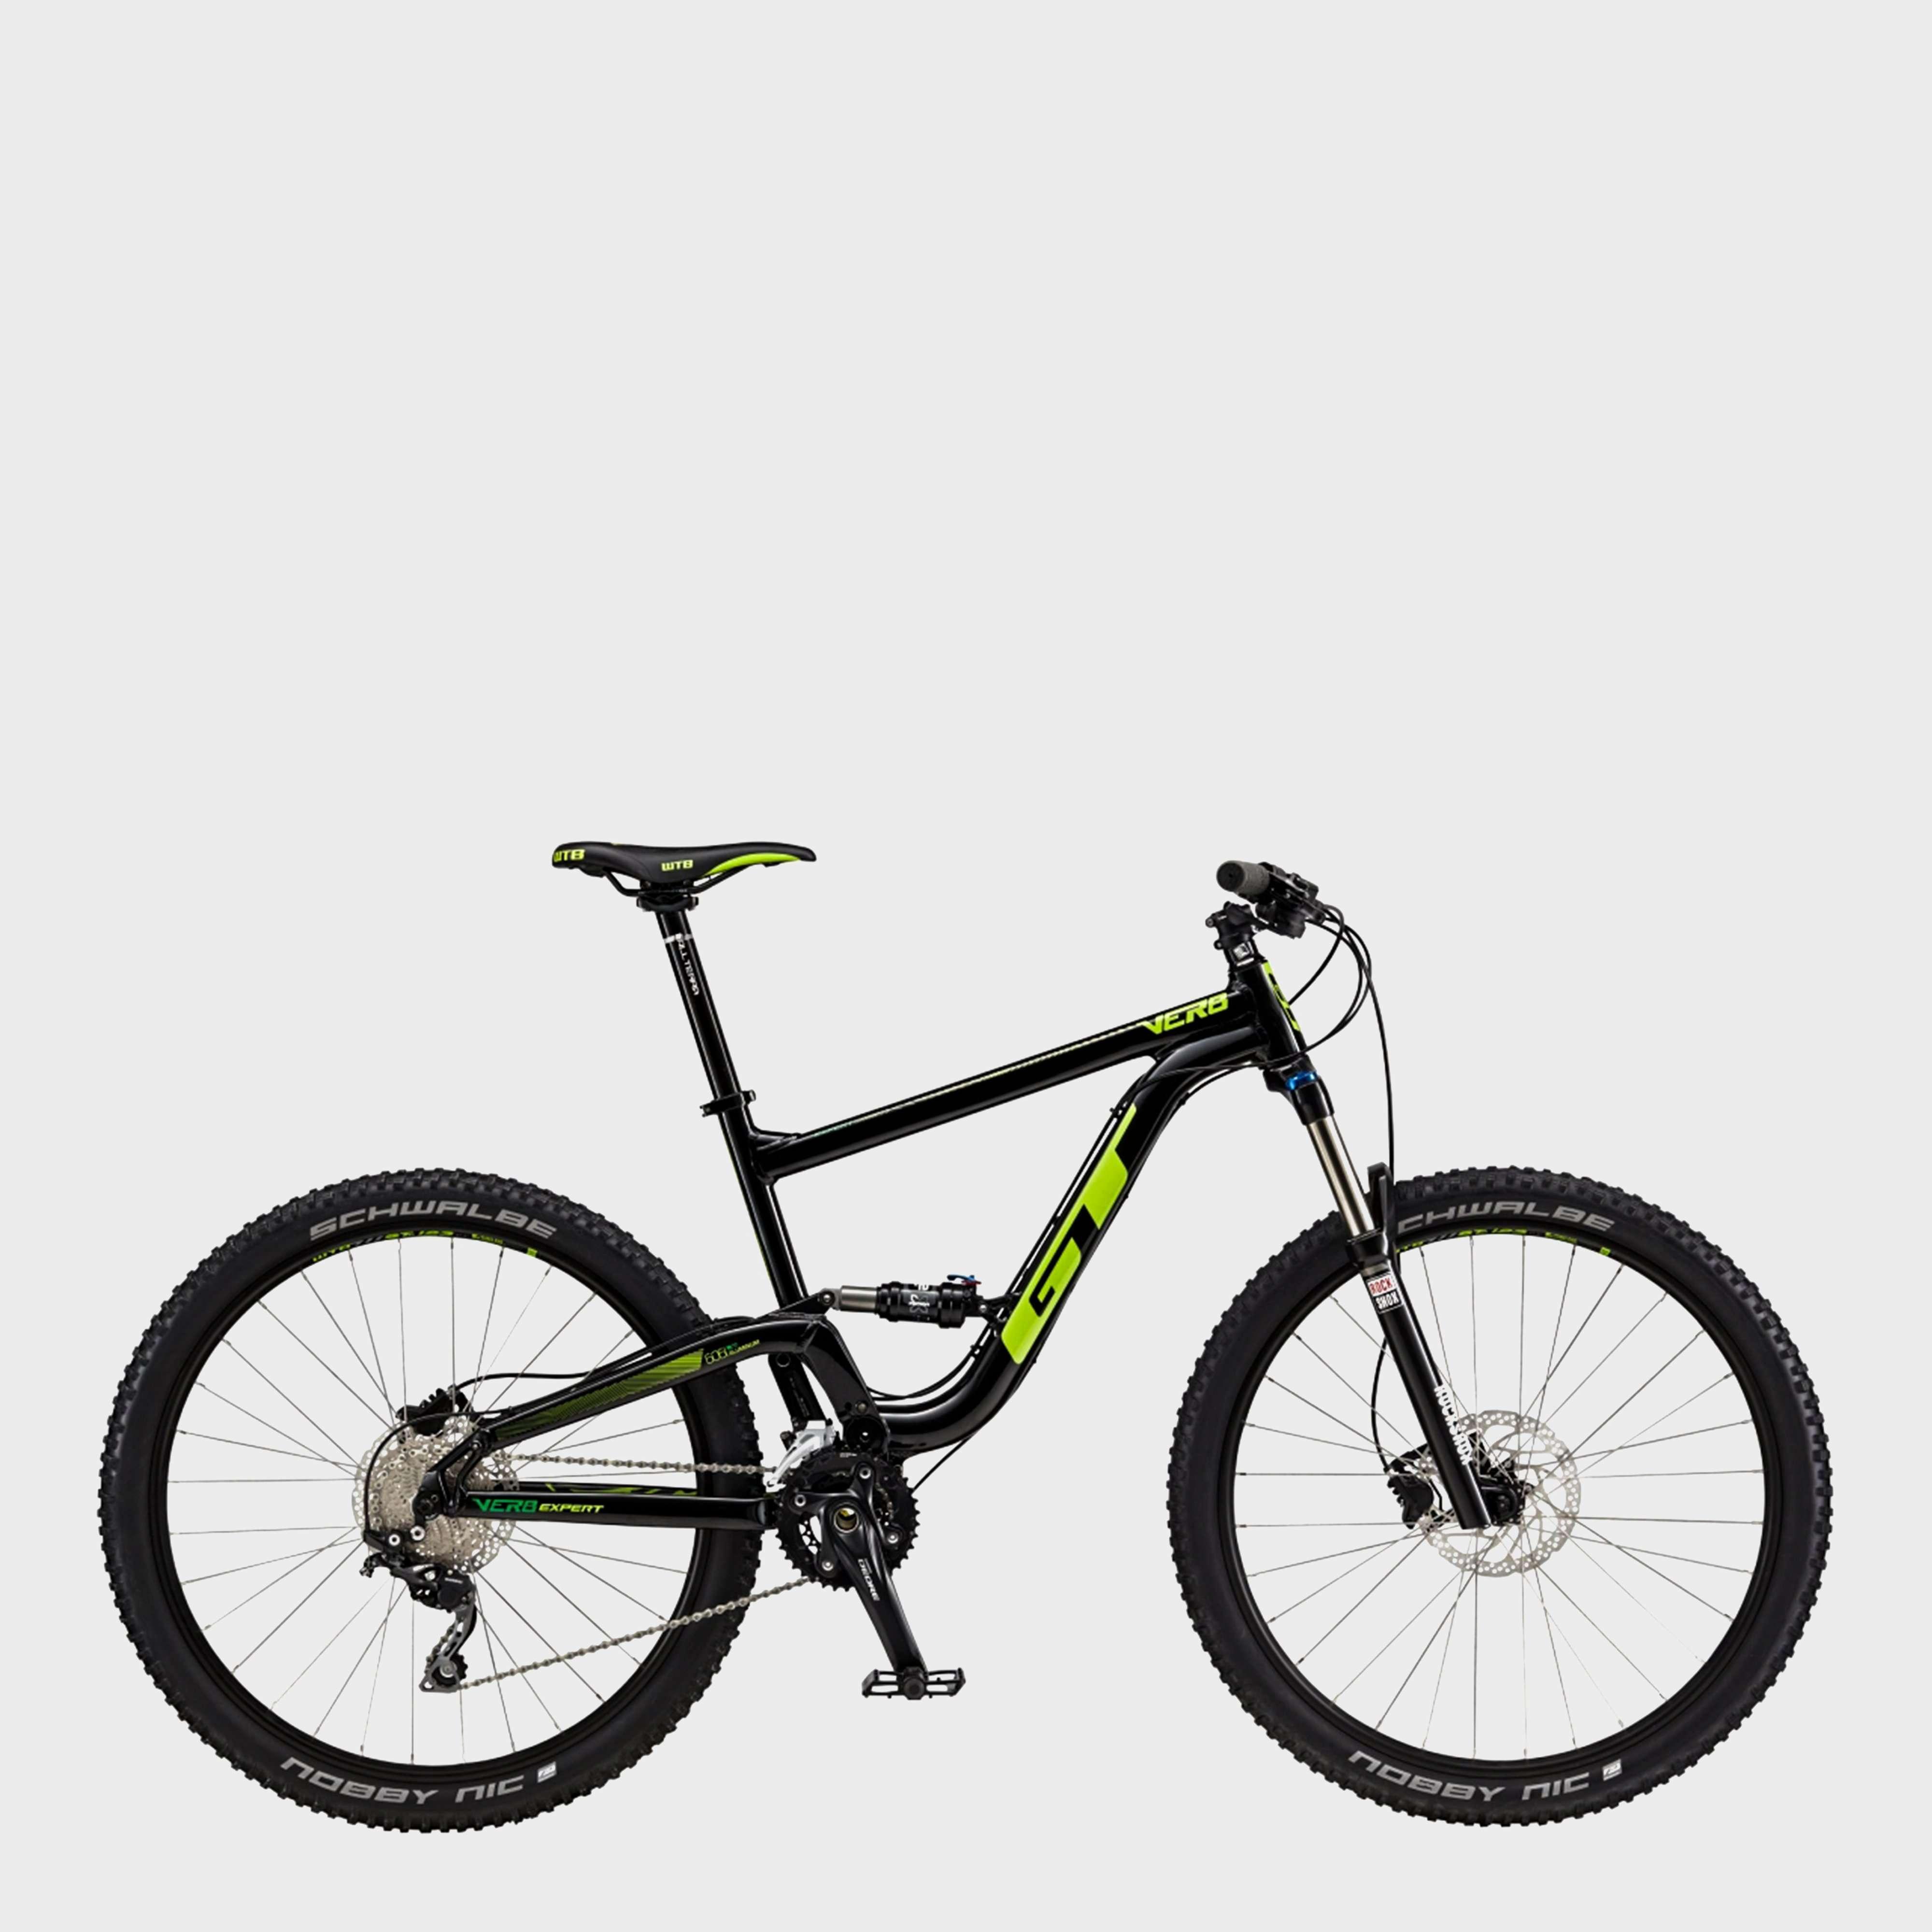 GT Verb Expert 27.5 Mountain Bike